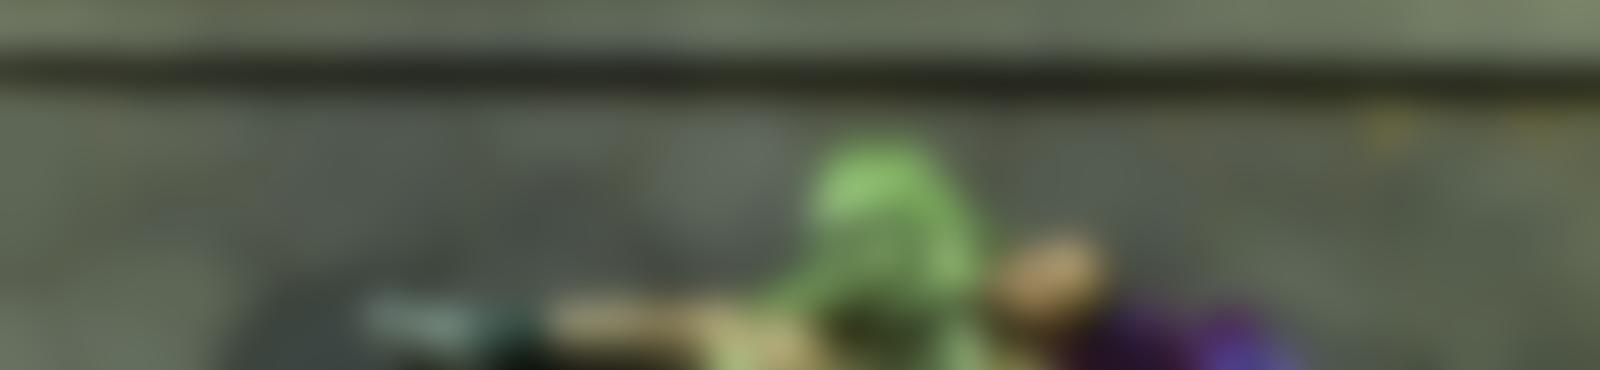 Blurred ffe67d09 f063 4a0f 9ed9 bf08da132907